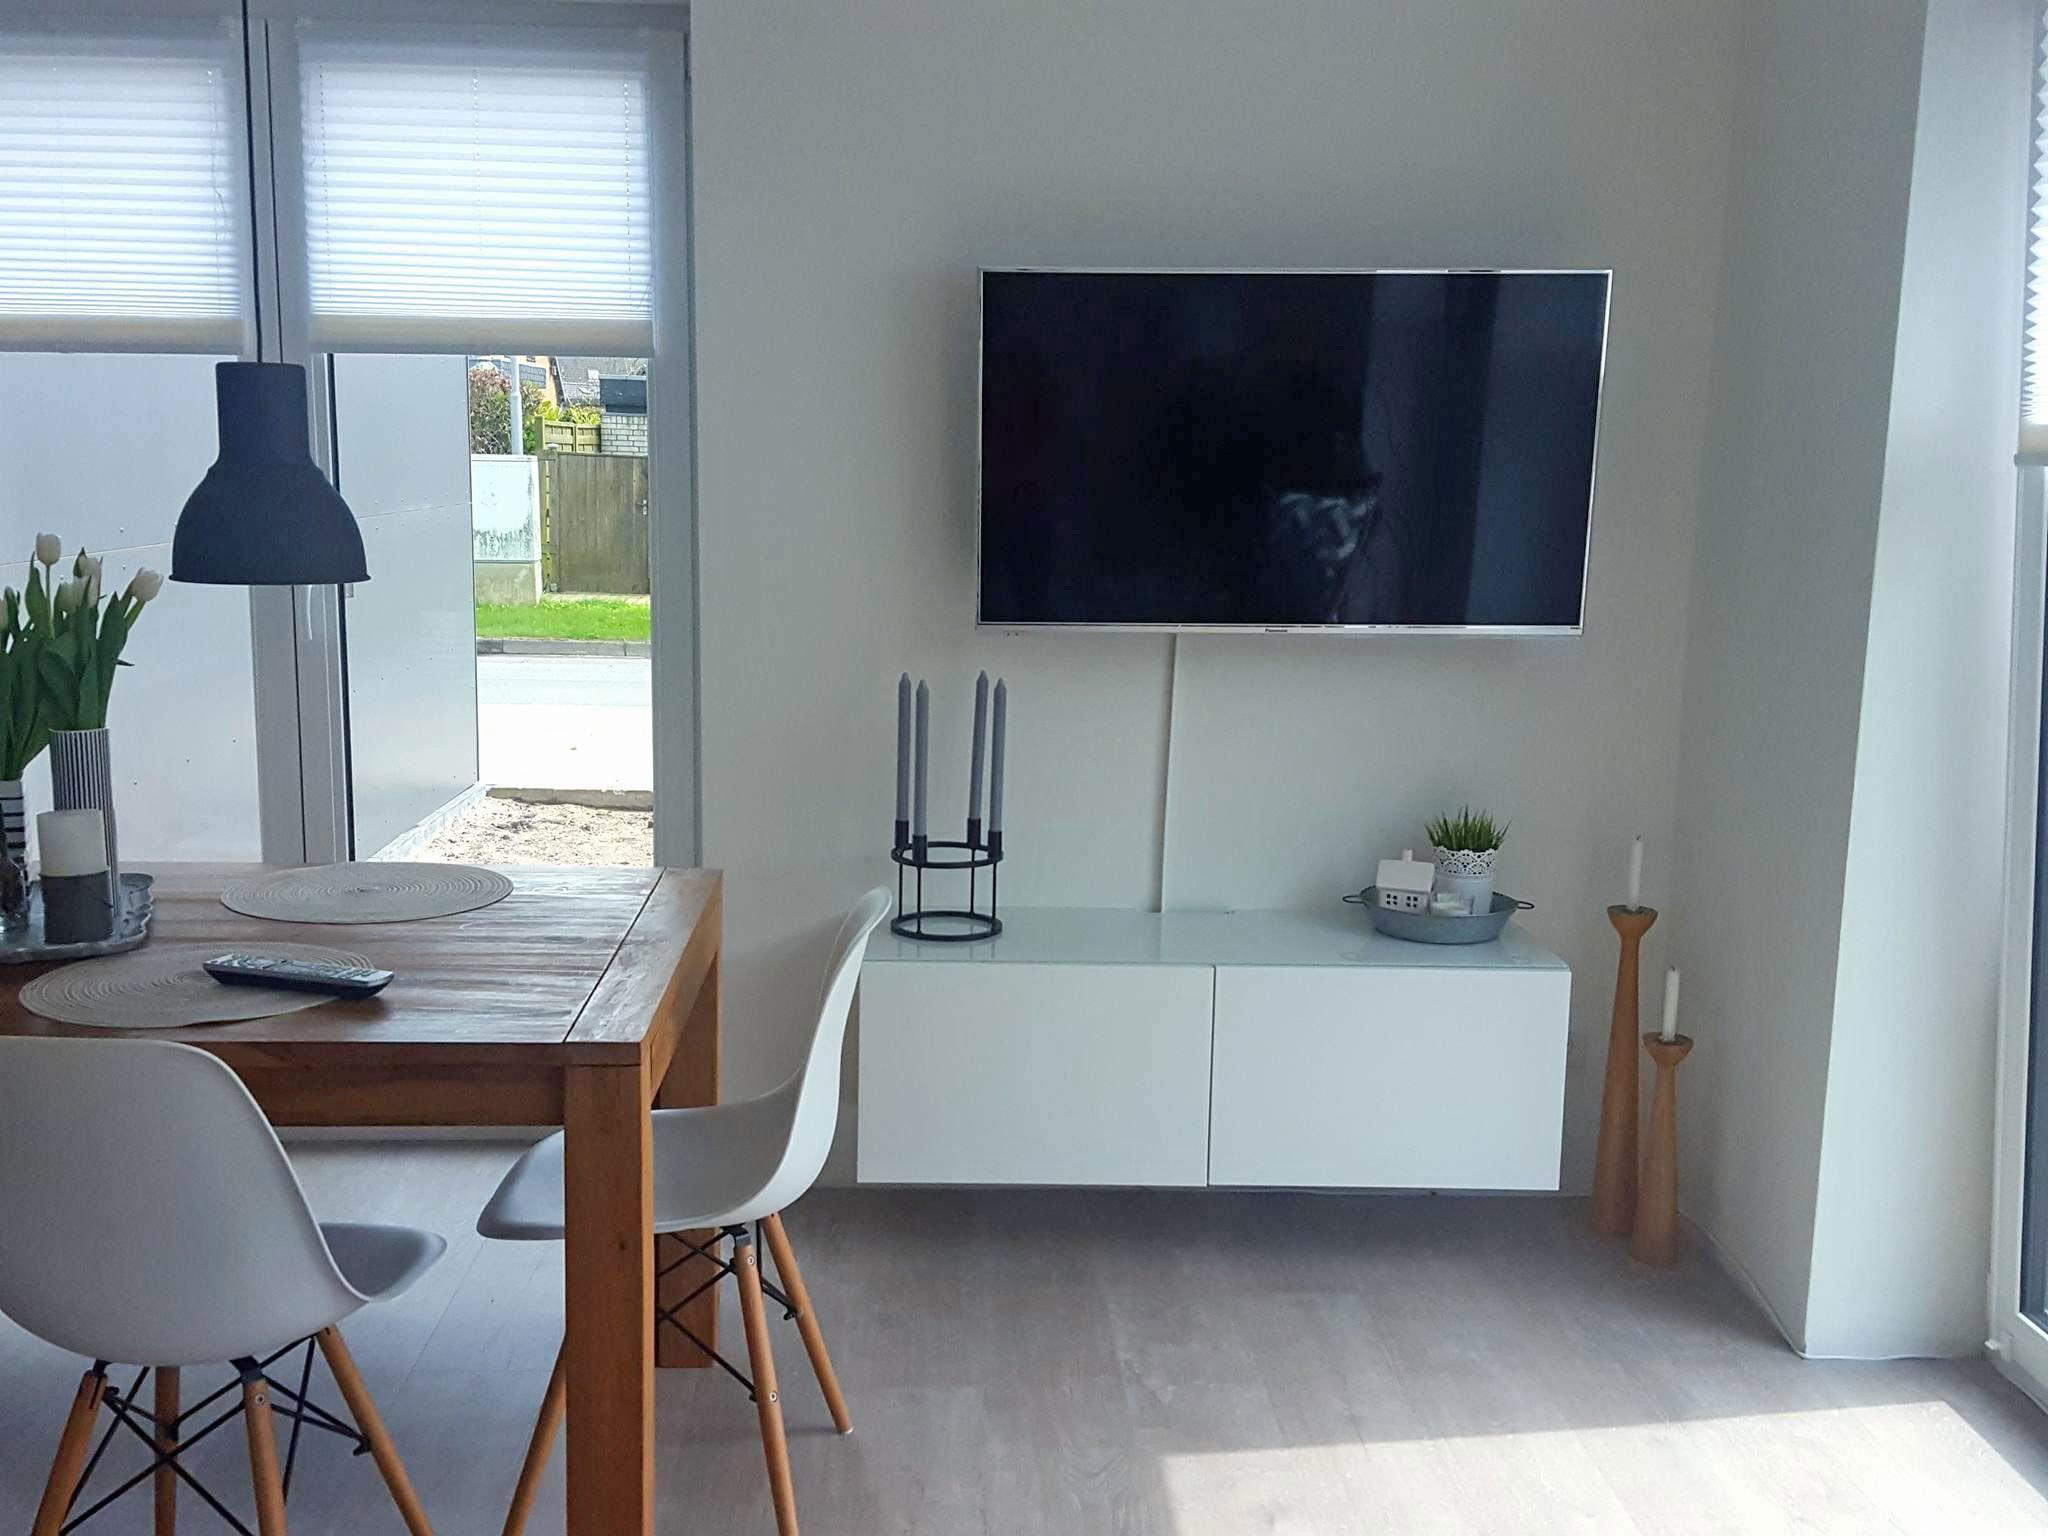 wohnzimmer 39 mein wohnzimmer 39 mein neues haus zimmerschau. Black Bedroom Furniture Sets. Home Design Ideas